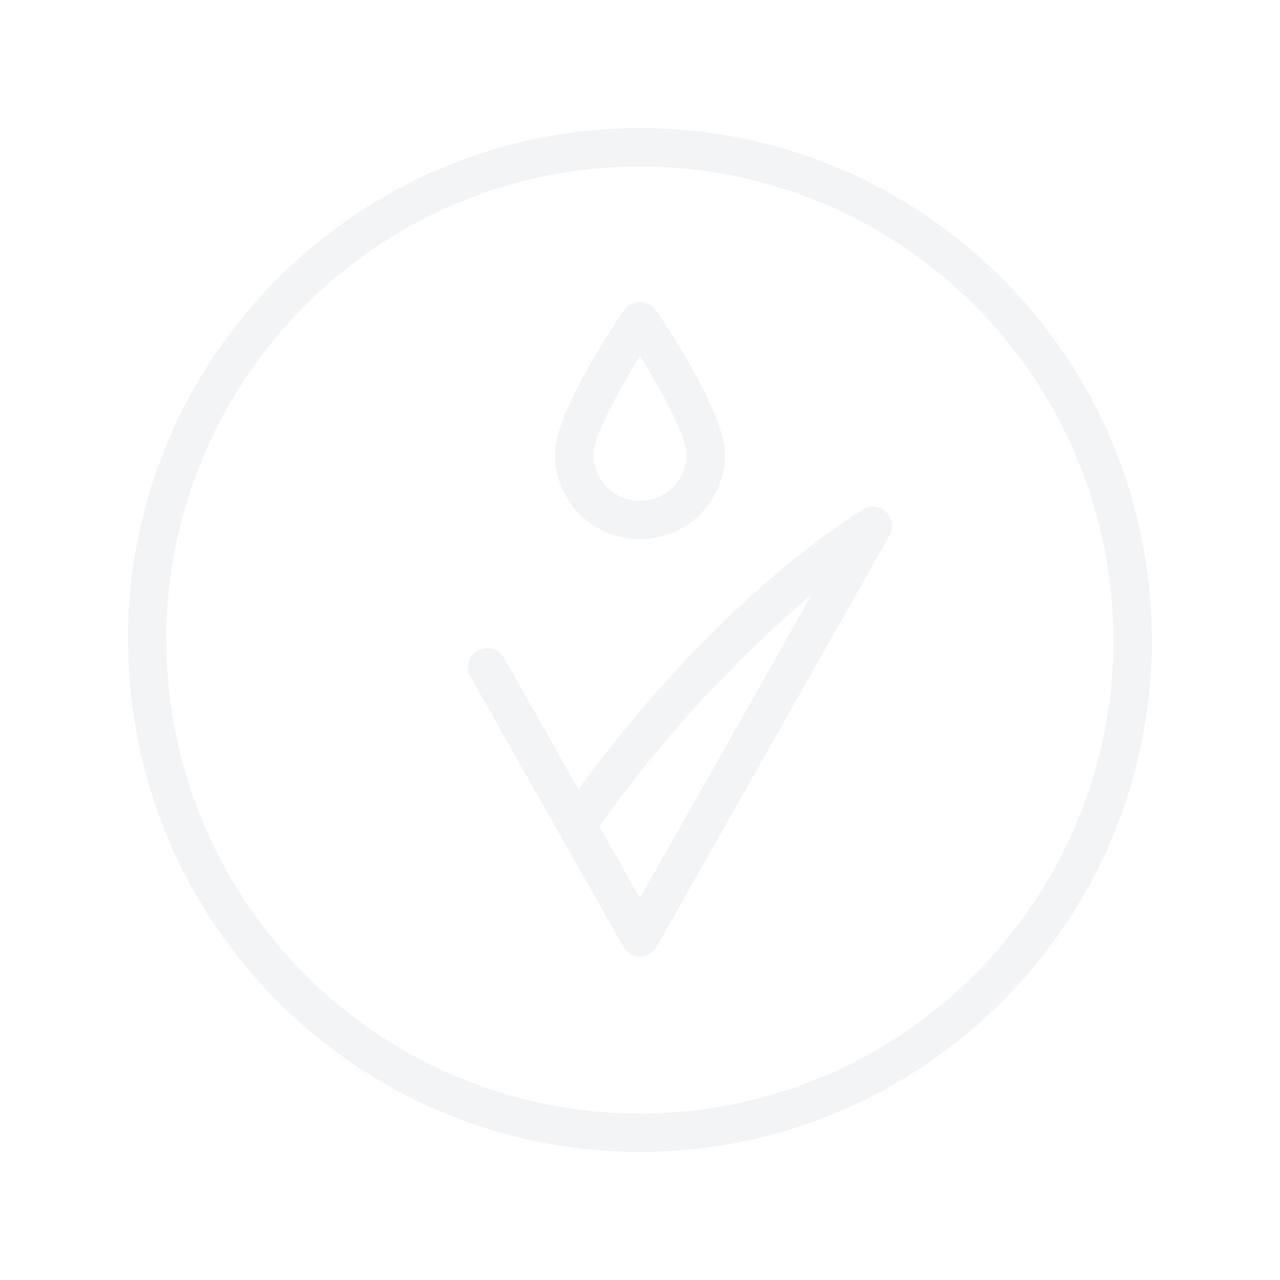 PIZ BUIN Instant Glow Sun Spray SPF30 150ml